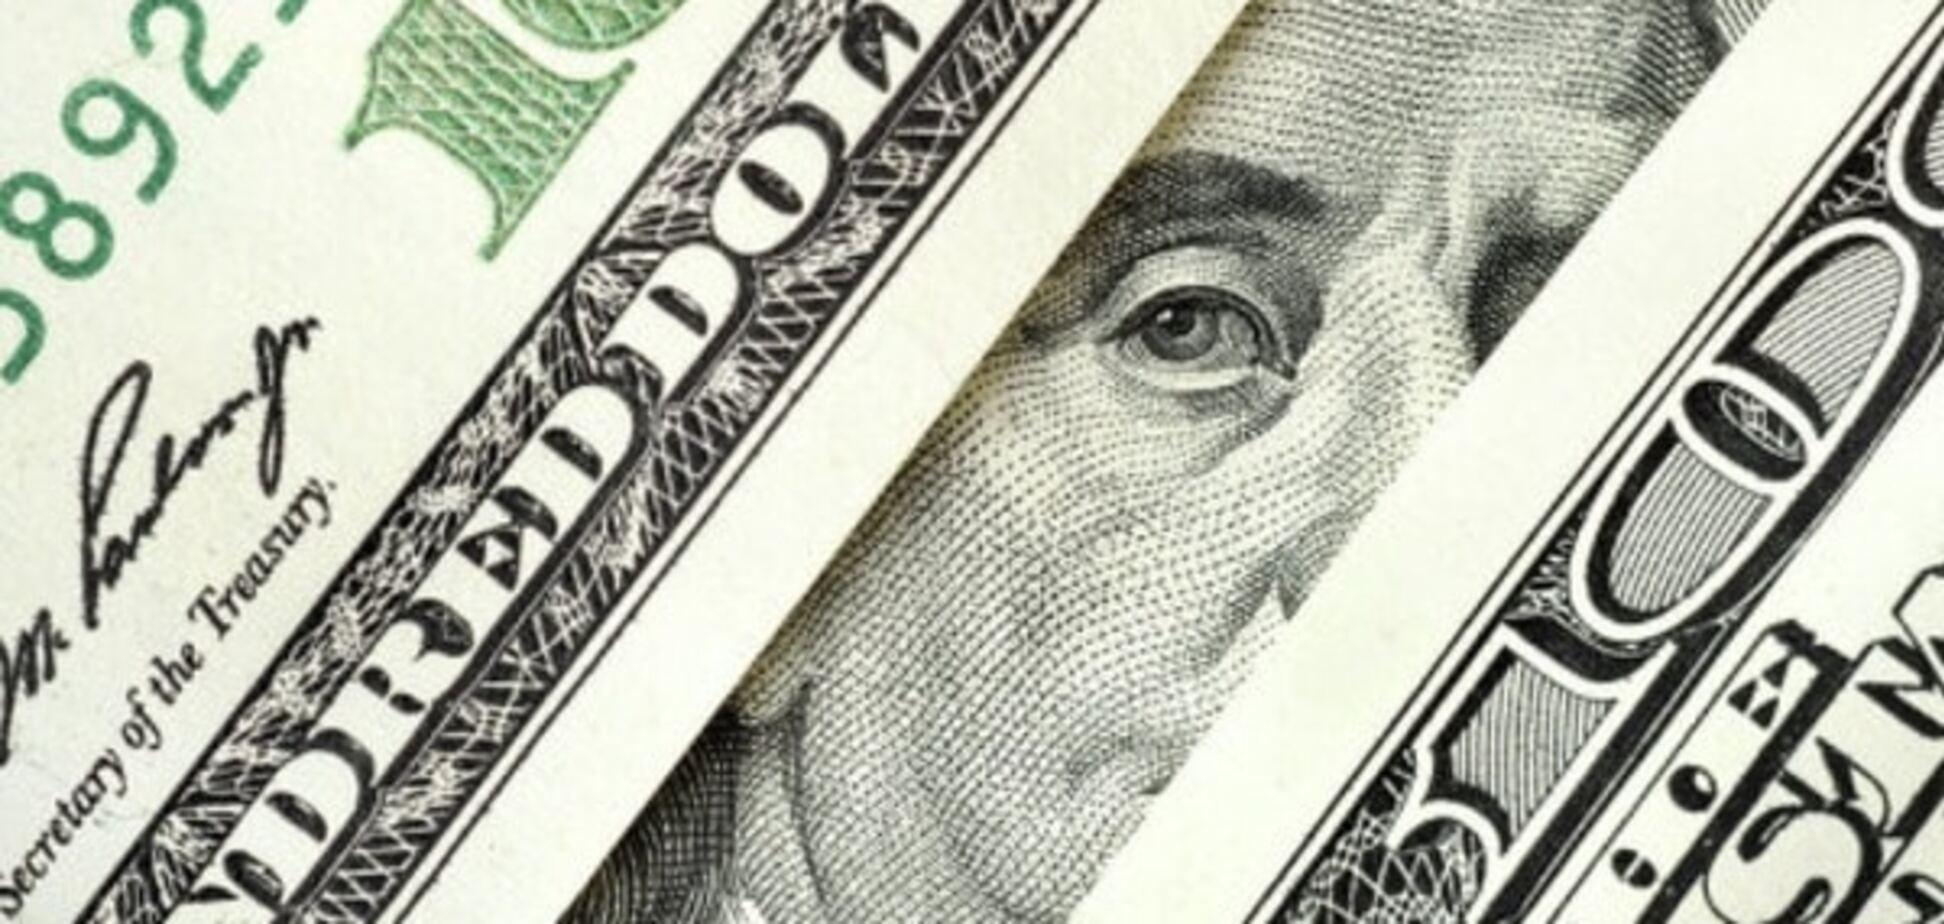 Он улетел, но обещал вернуться: экономист оценил шансы удешевления доллара